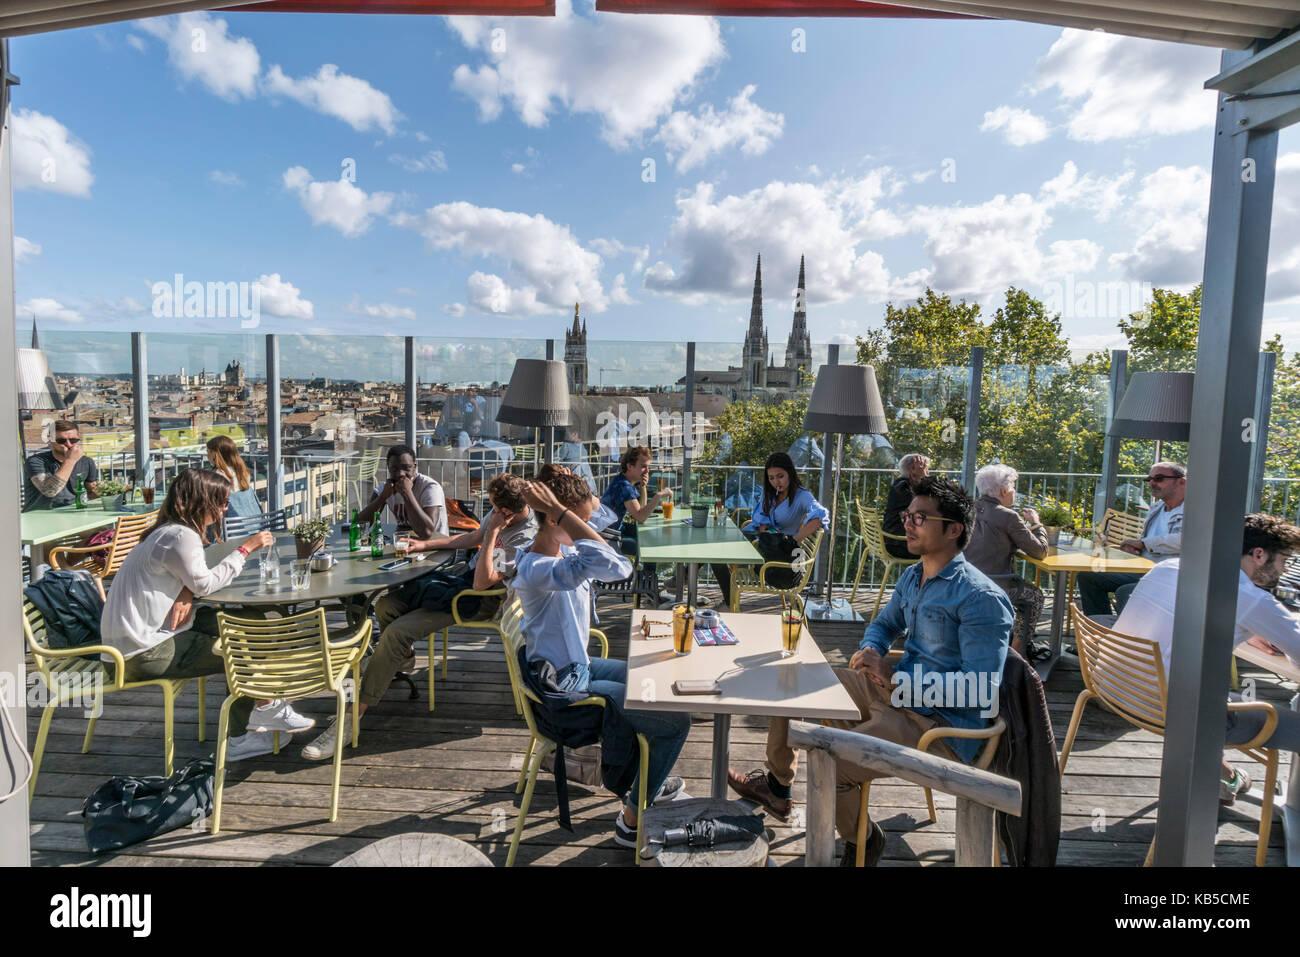 Mama Shelter Design Hotel, entworfen von Philipp Starck, Sky Bar, Dachterrasse, Bordeaux, Frankreich Stockfoto